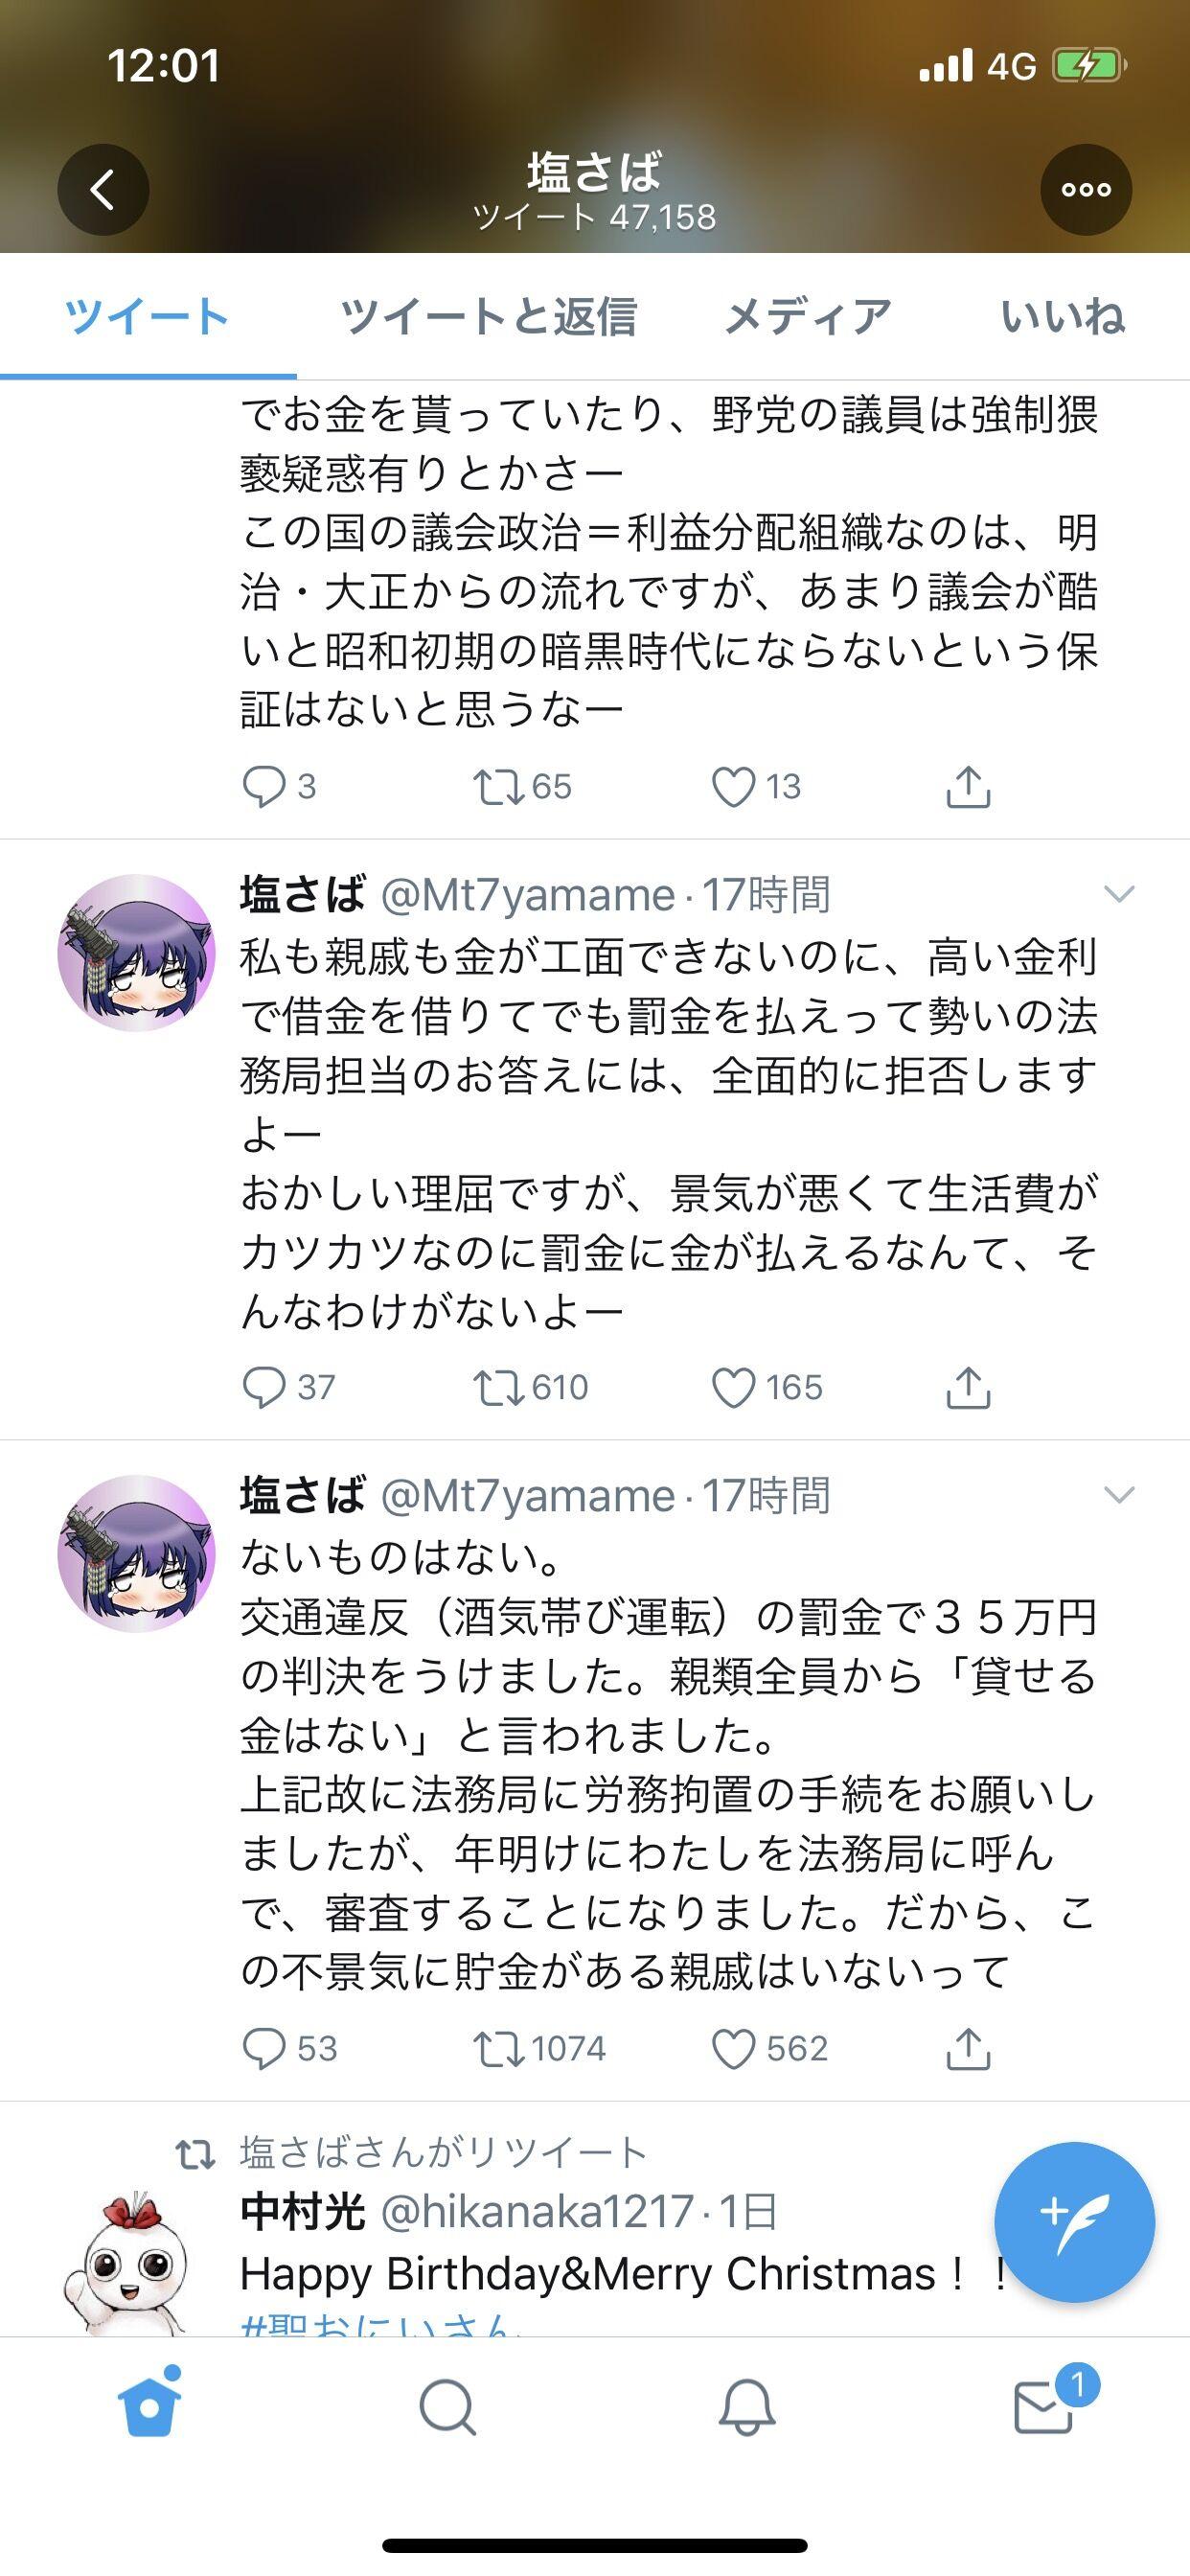 愚痴 艦 wiki これ 愚痴掲示板